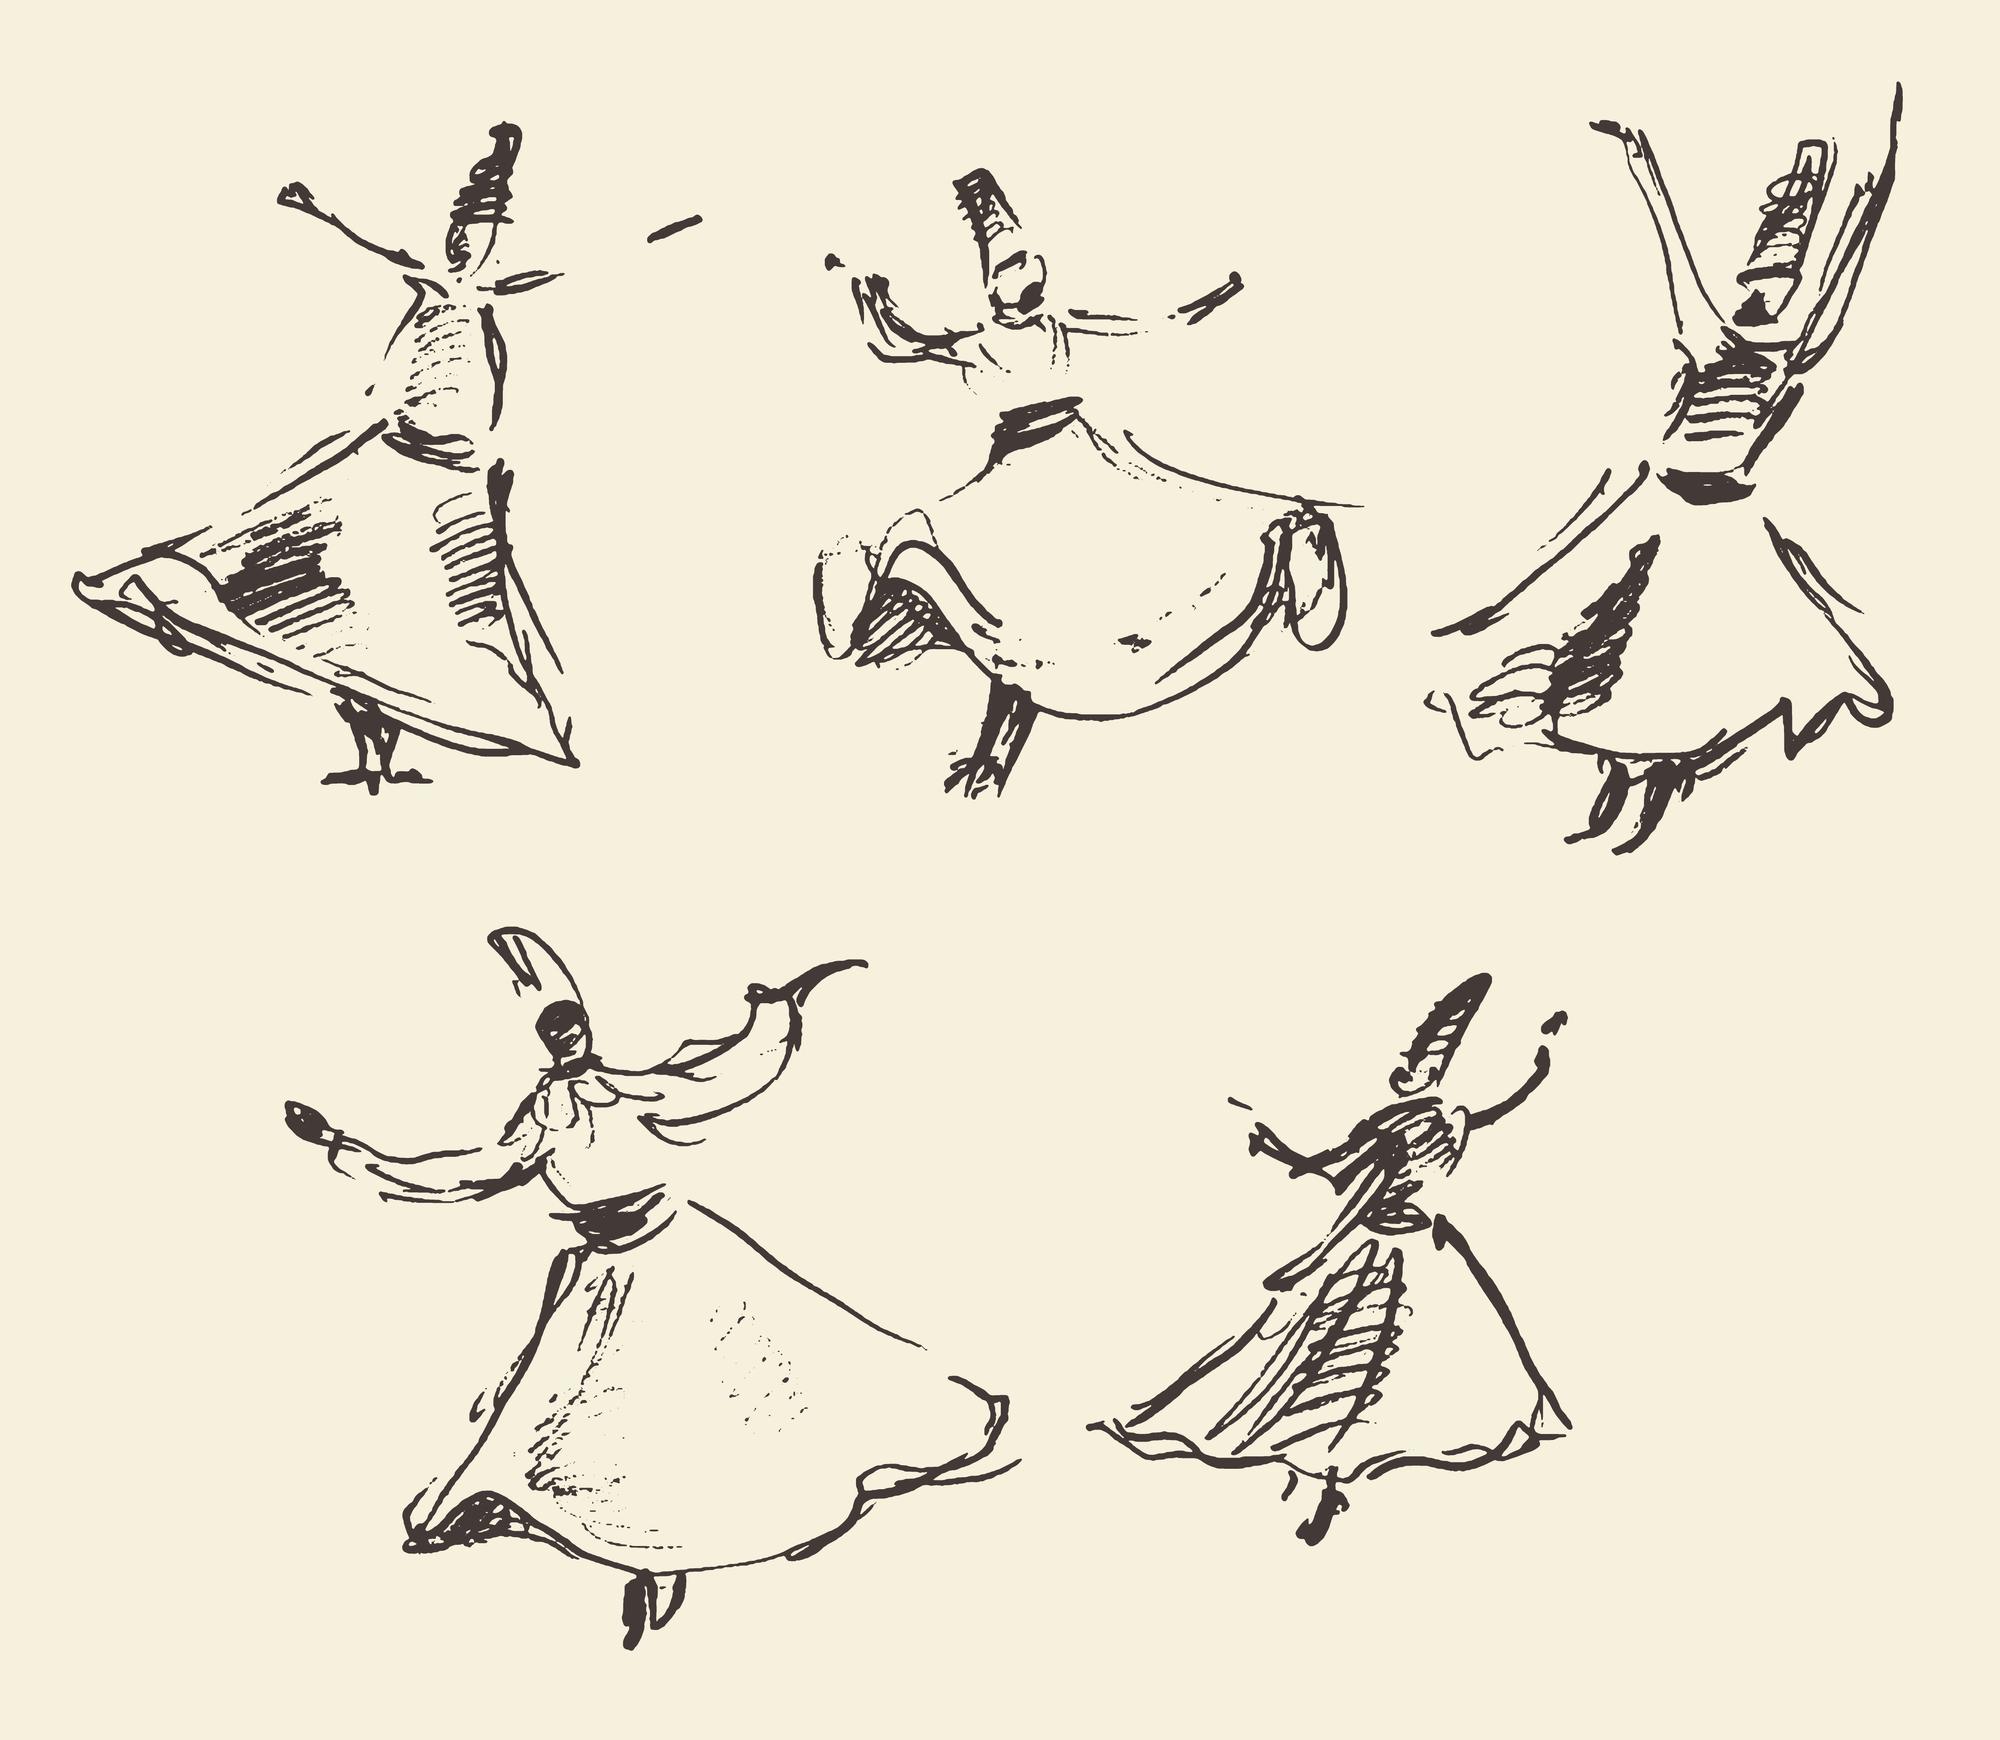 Whirling dervishes sketch